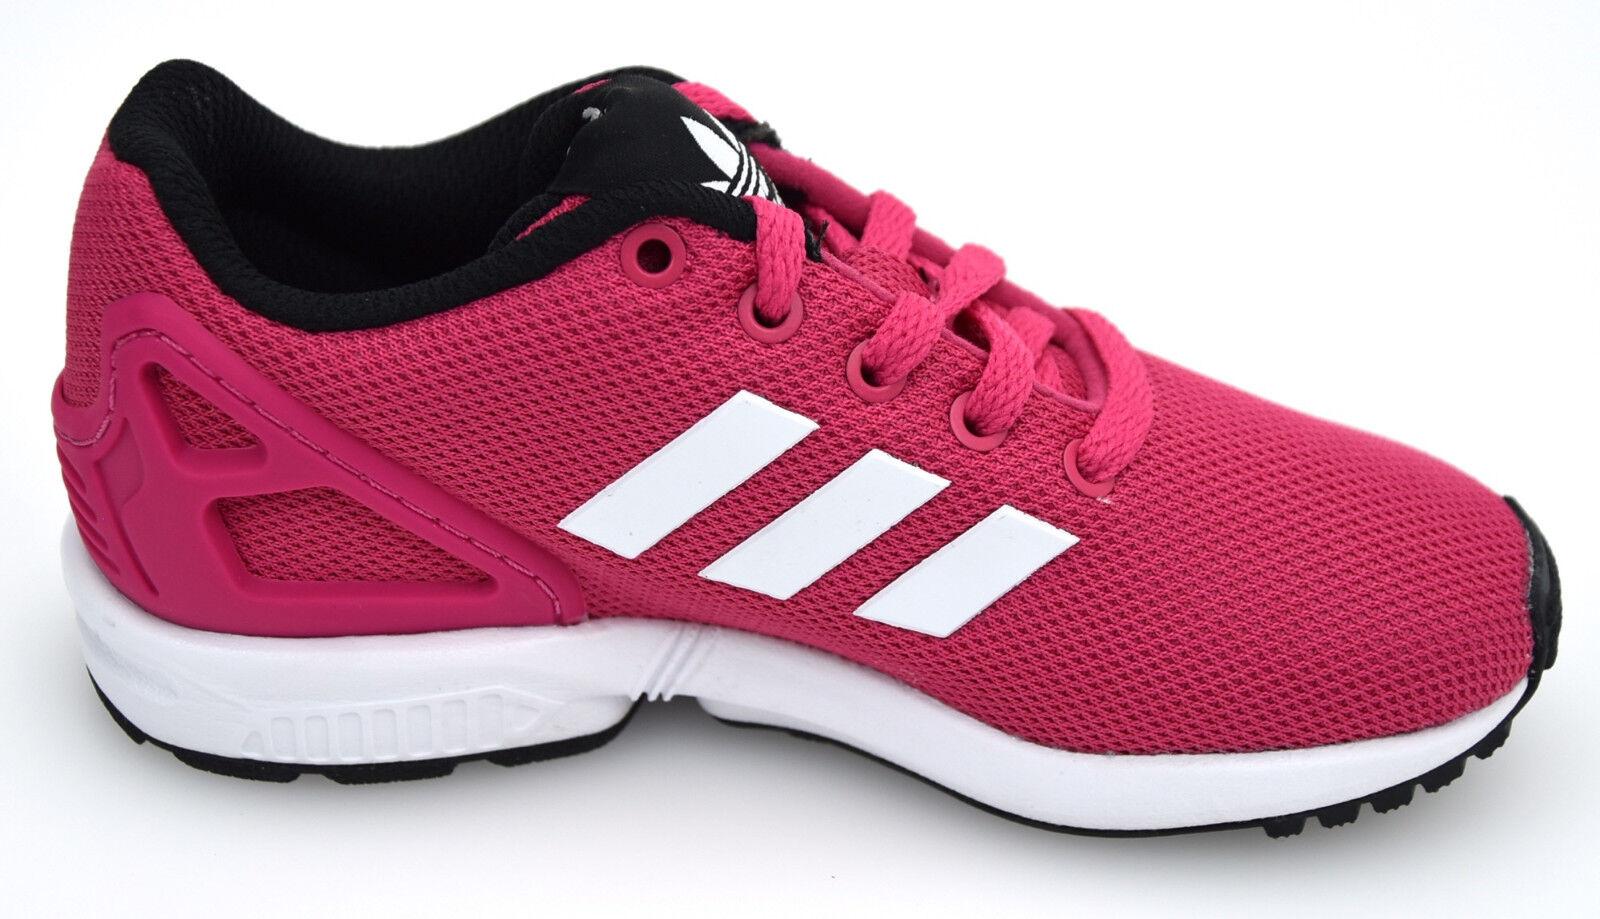 Damenschuhe Adidas ZX FLUX K Neu Rot   Gr:36 2/3 S74952 Sneaker schuhe tubular samba